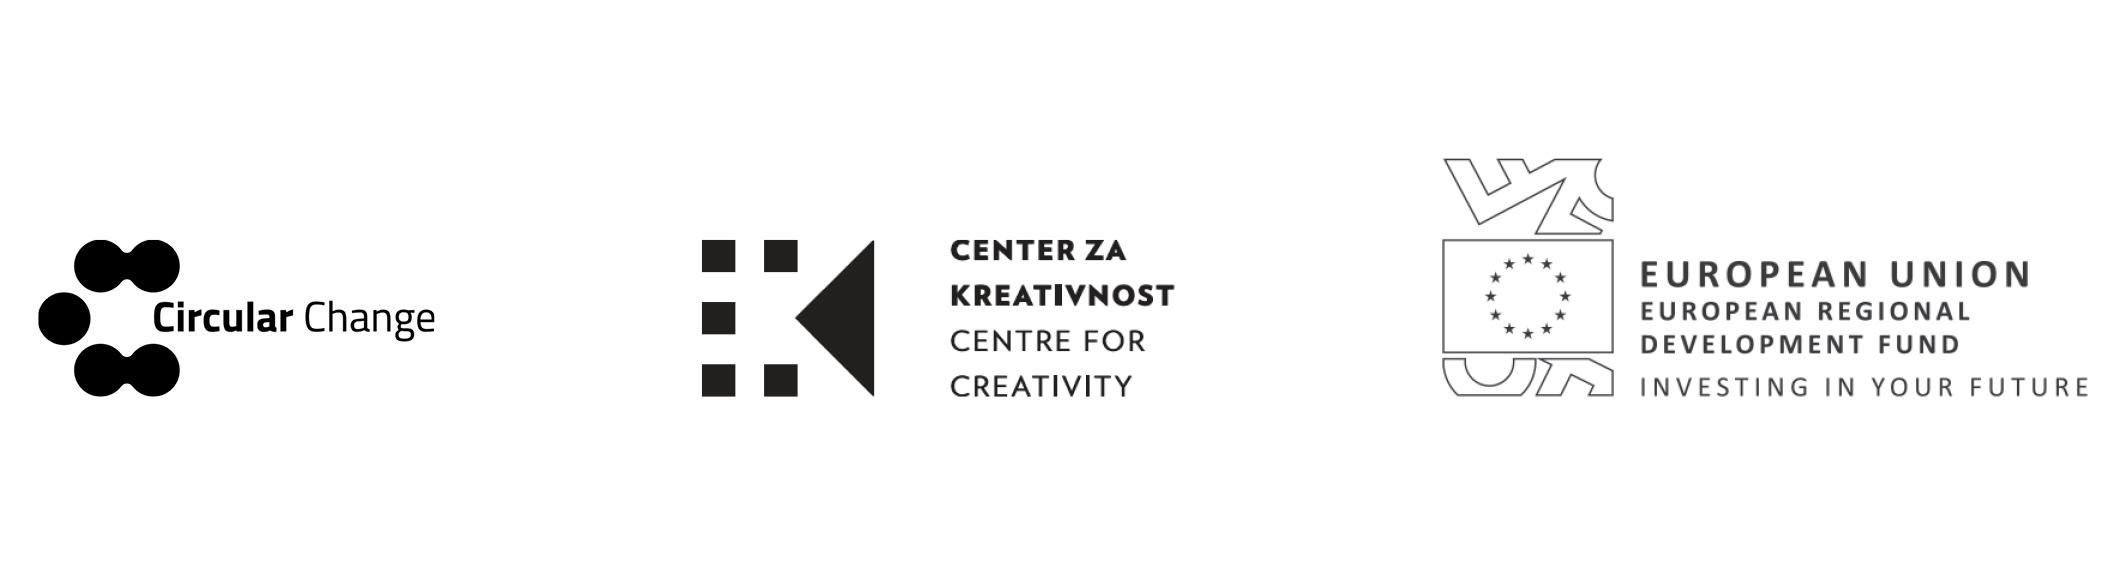 CC_CZK_EU logotipi.png